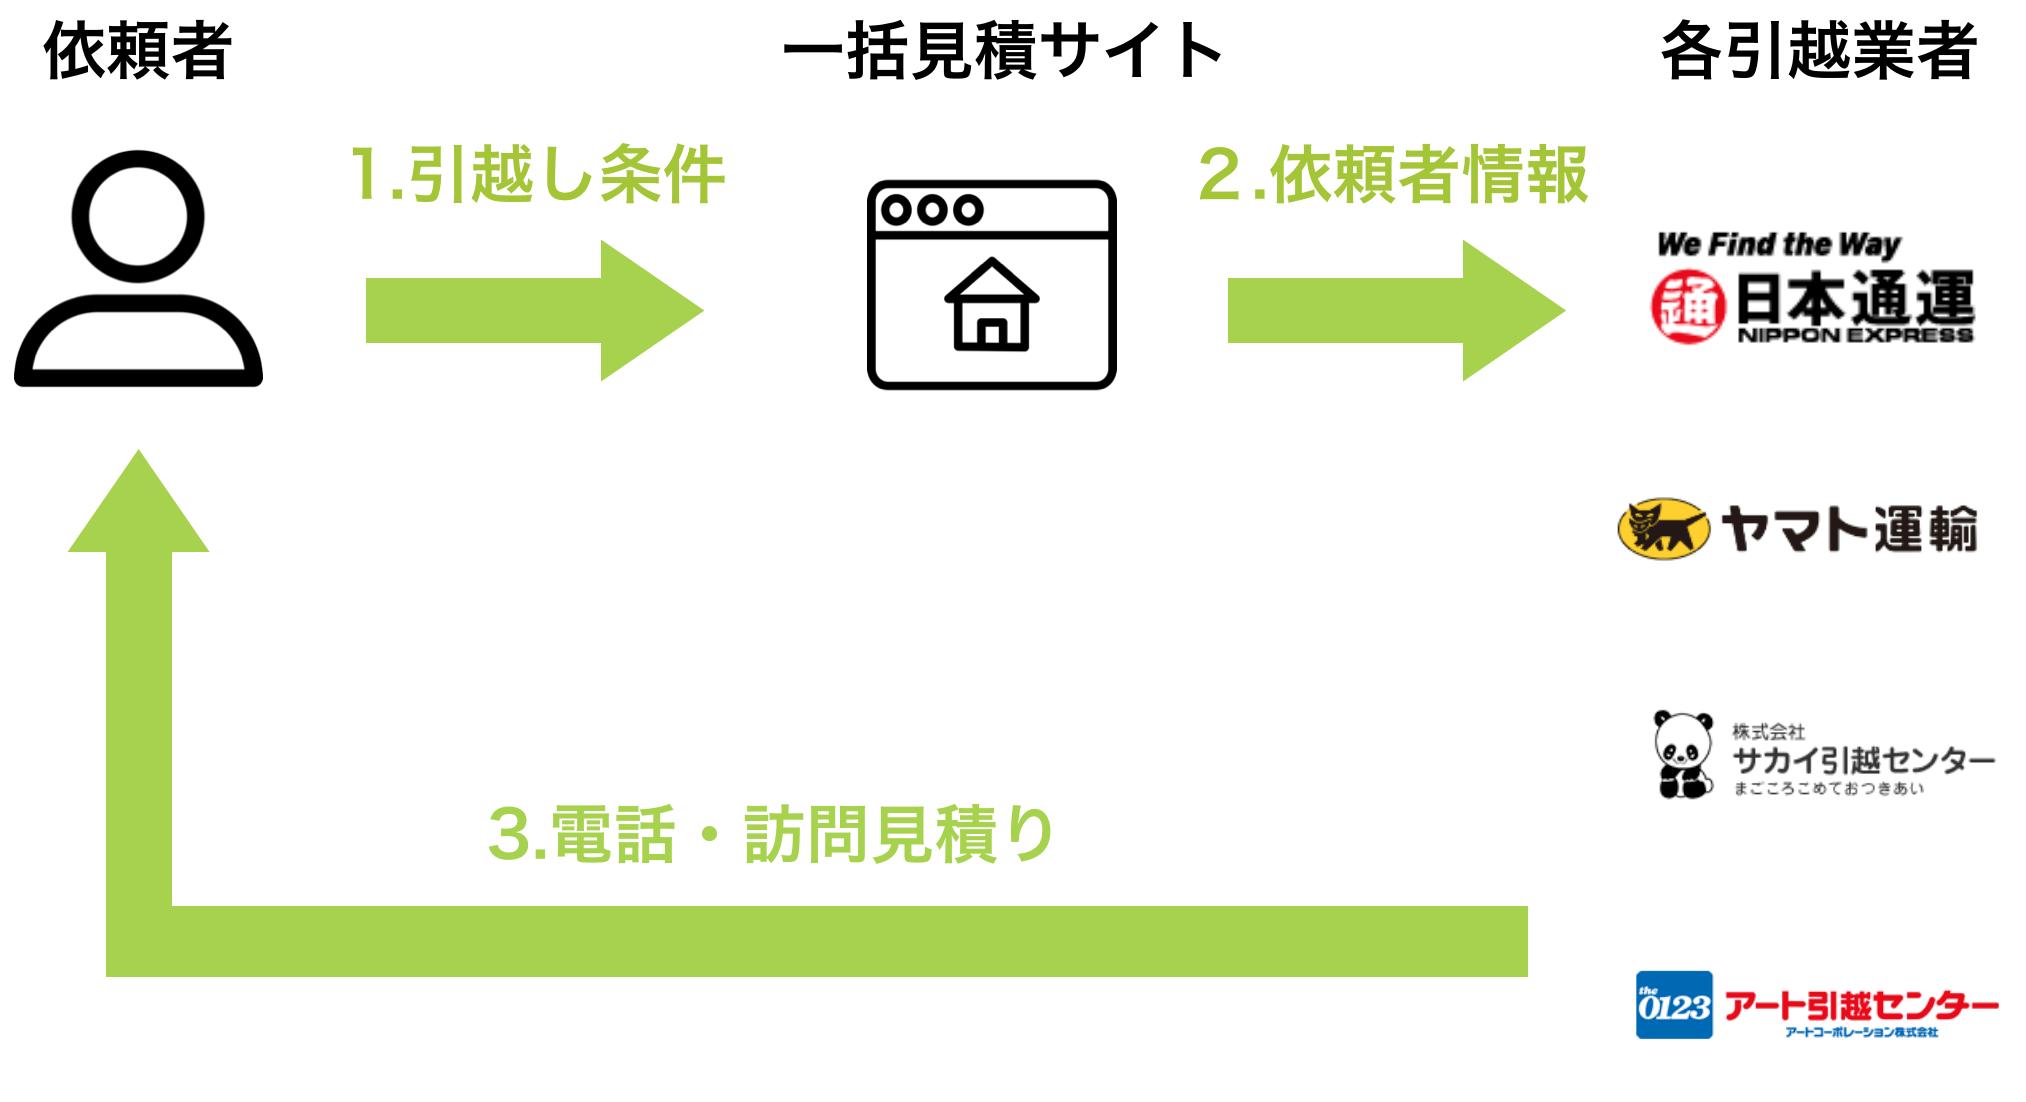 引越し見積りサイトの仕組みの図